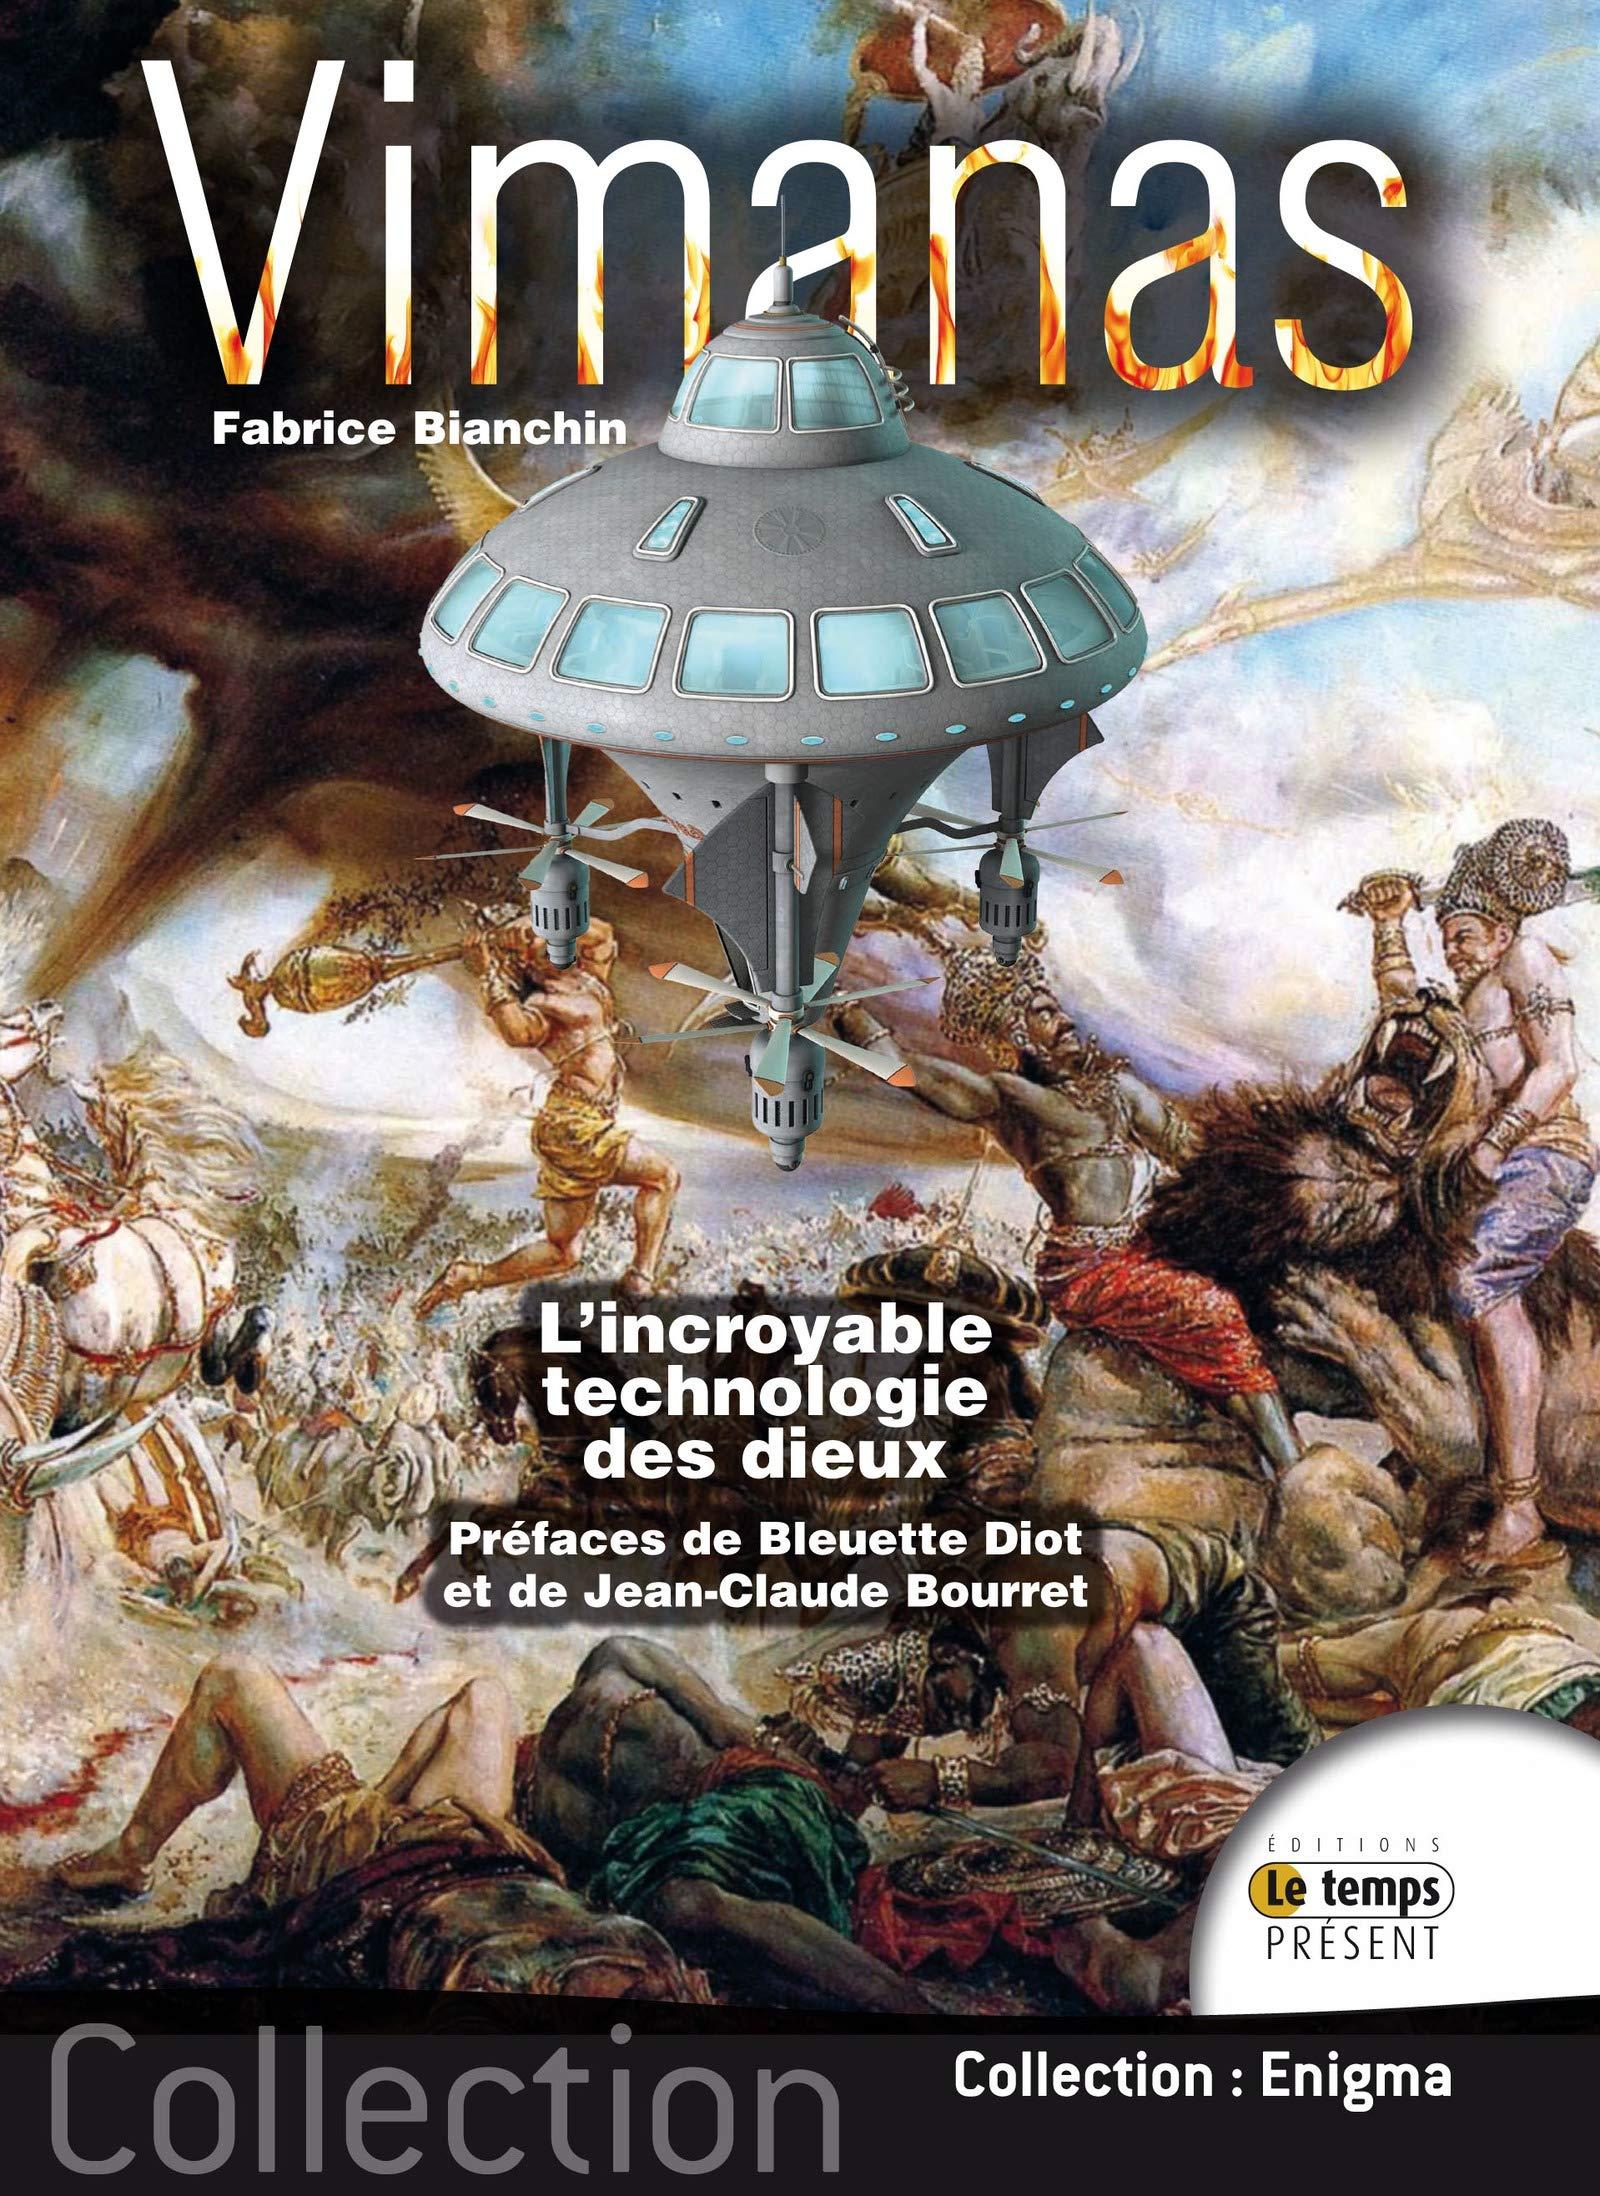 Vimanas: L'incroyable technologie des dieux par Fabrice Bianchin